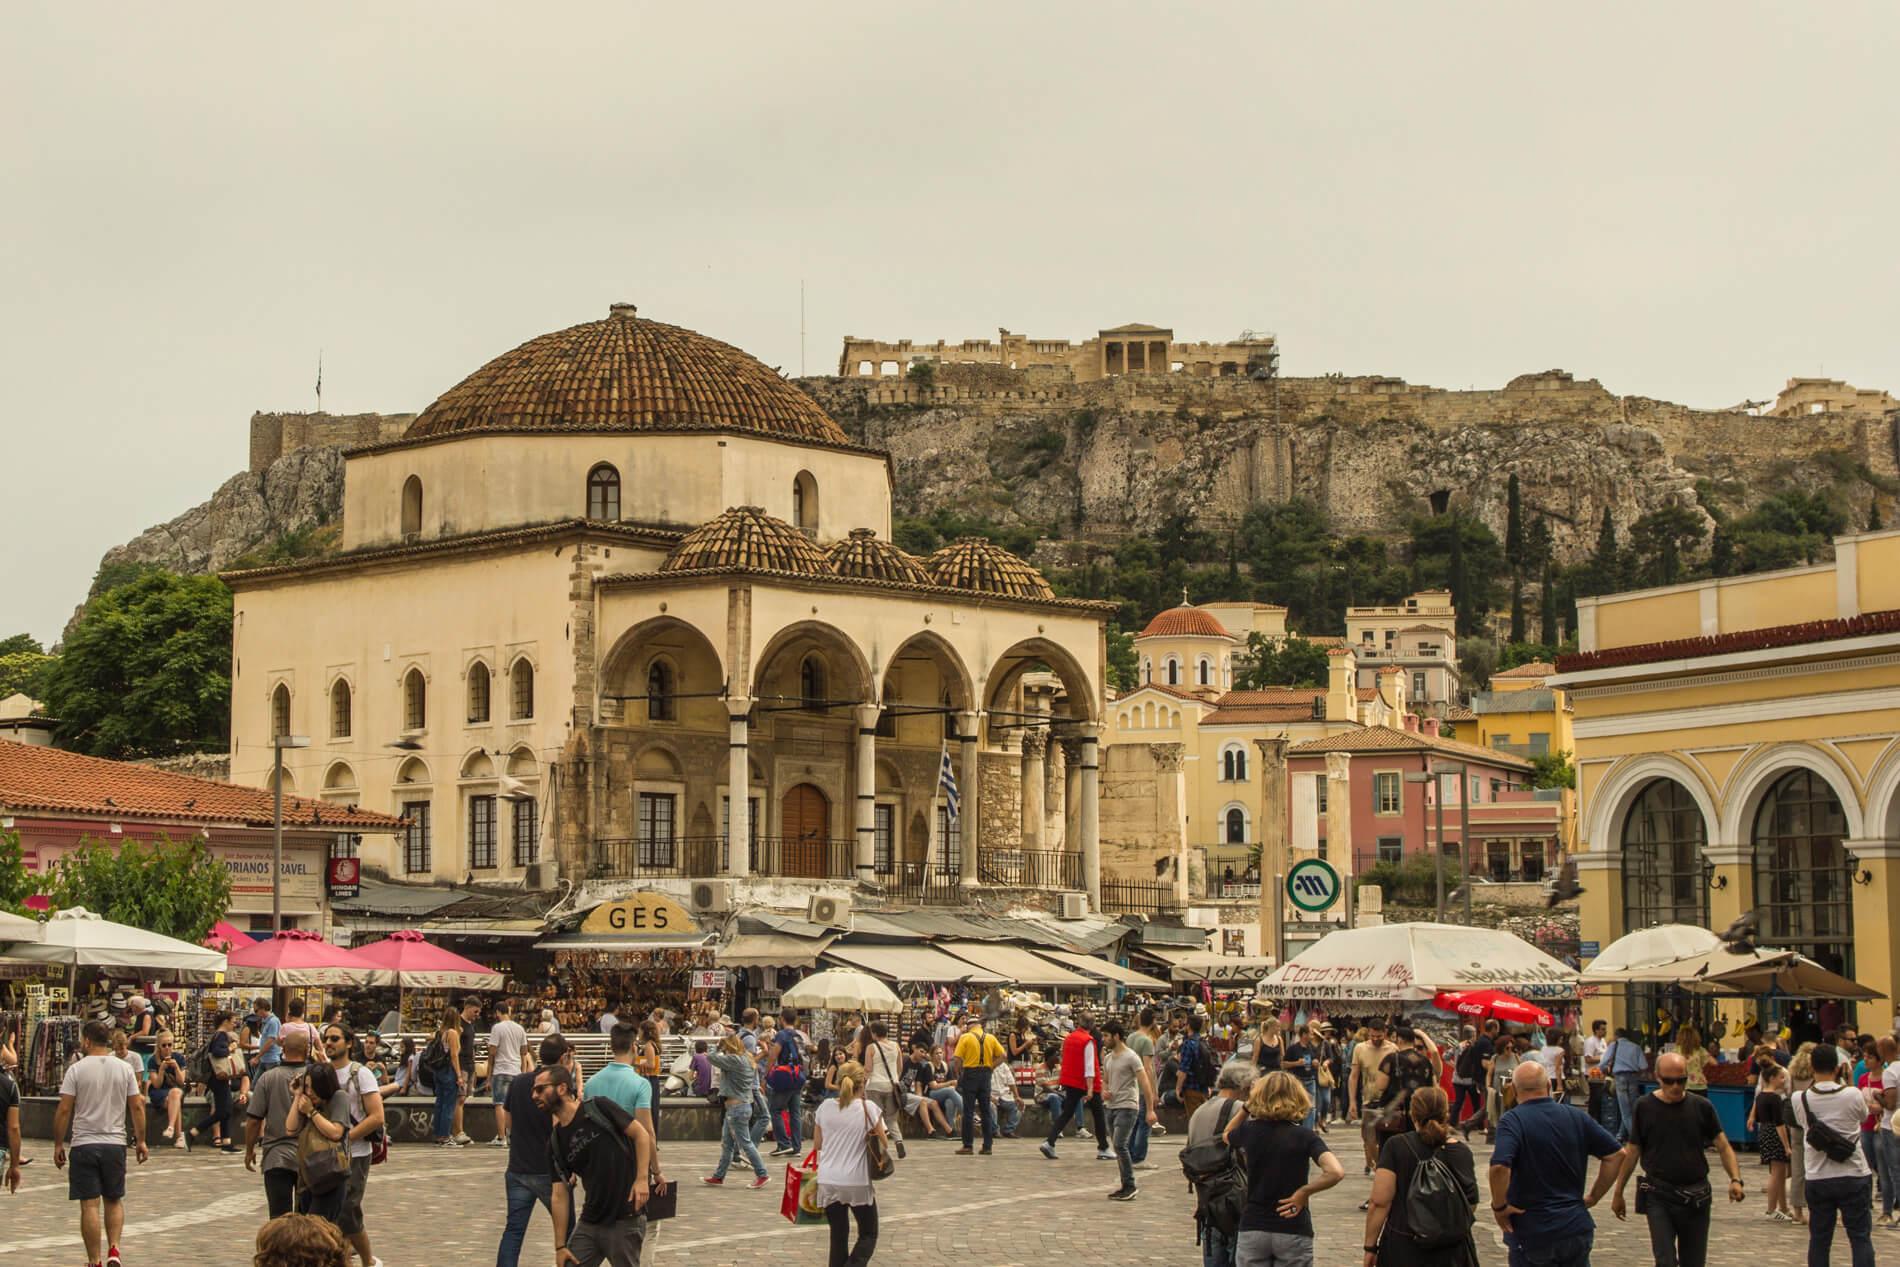 Grecja, Ateny, Plac Monastiraki